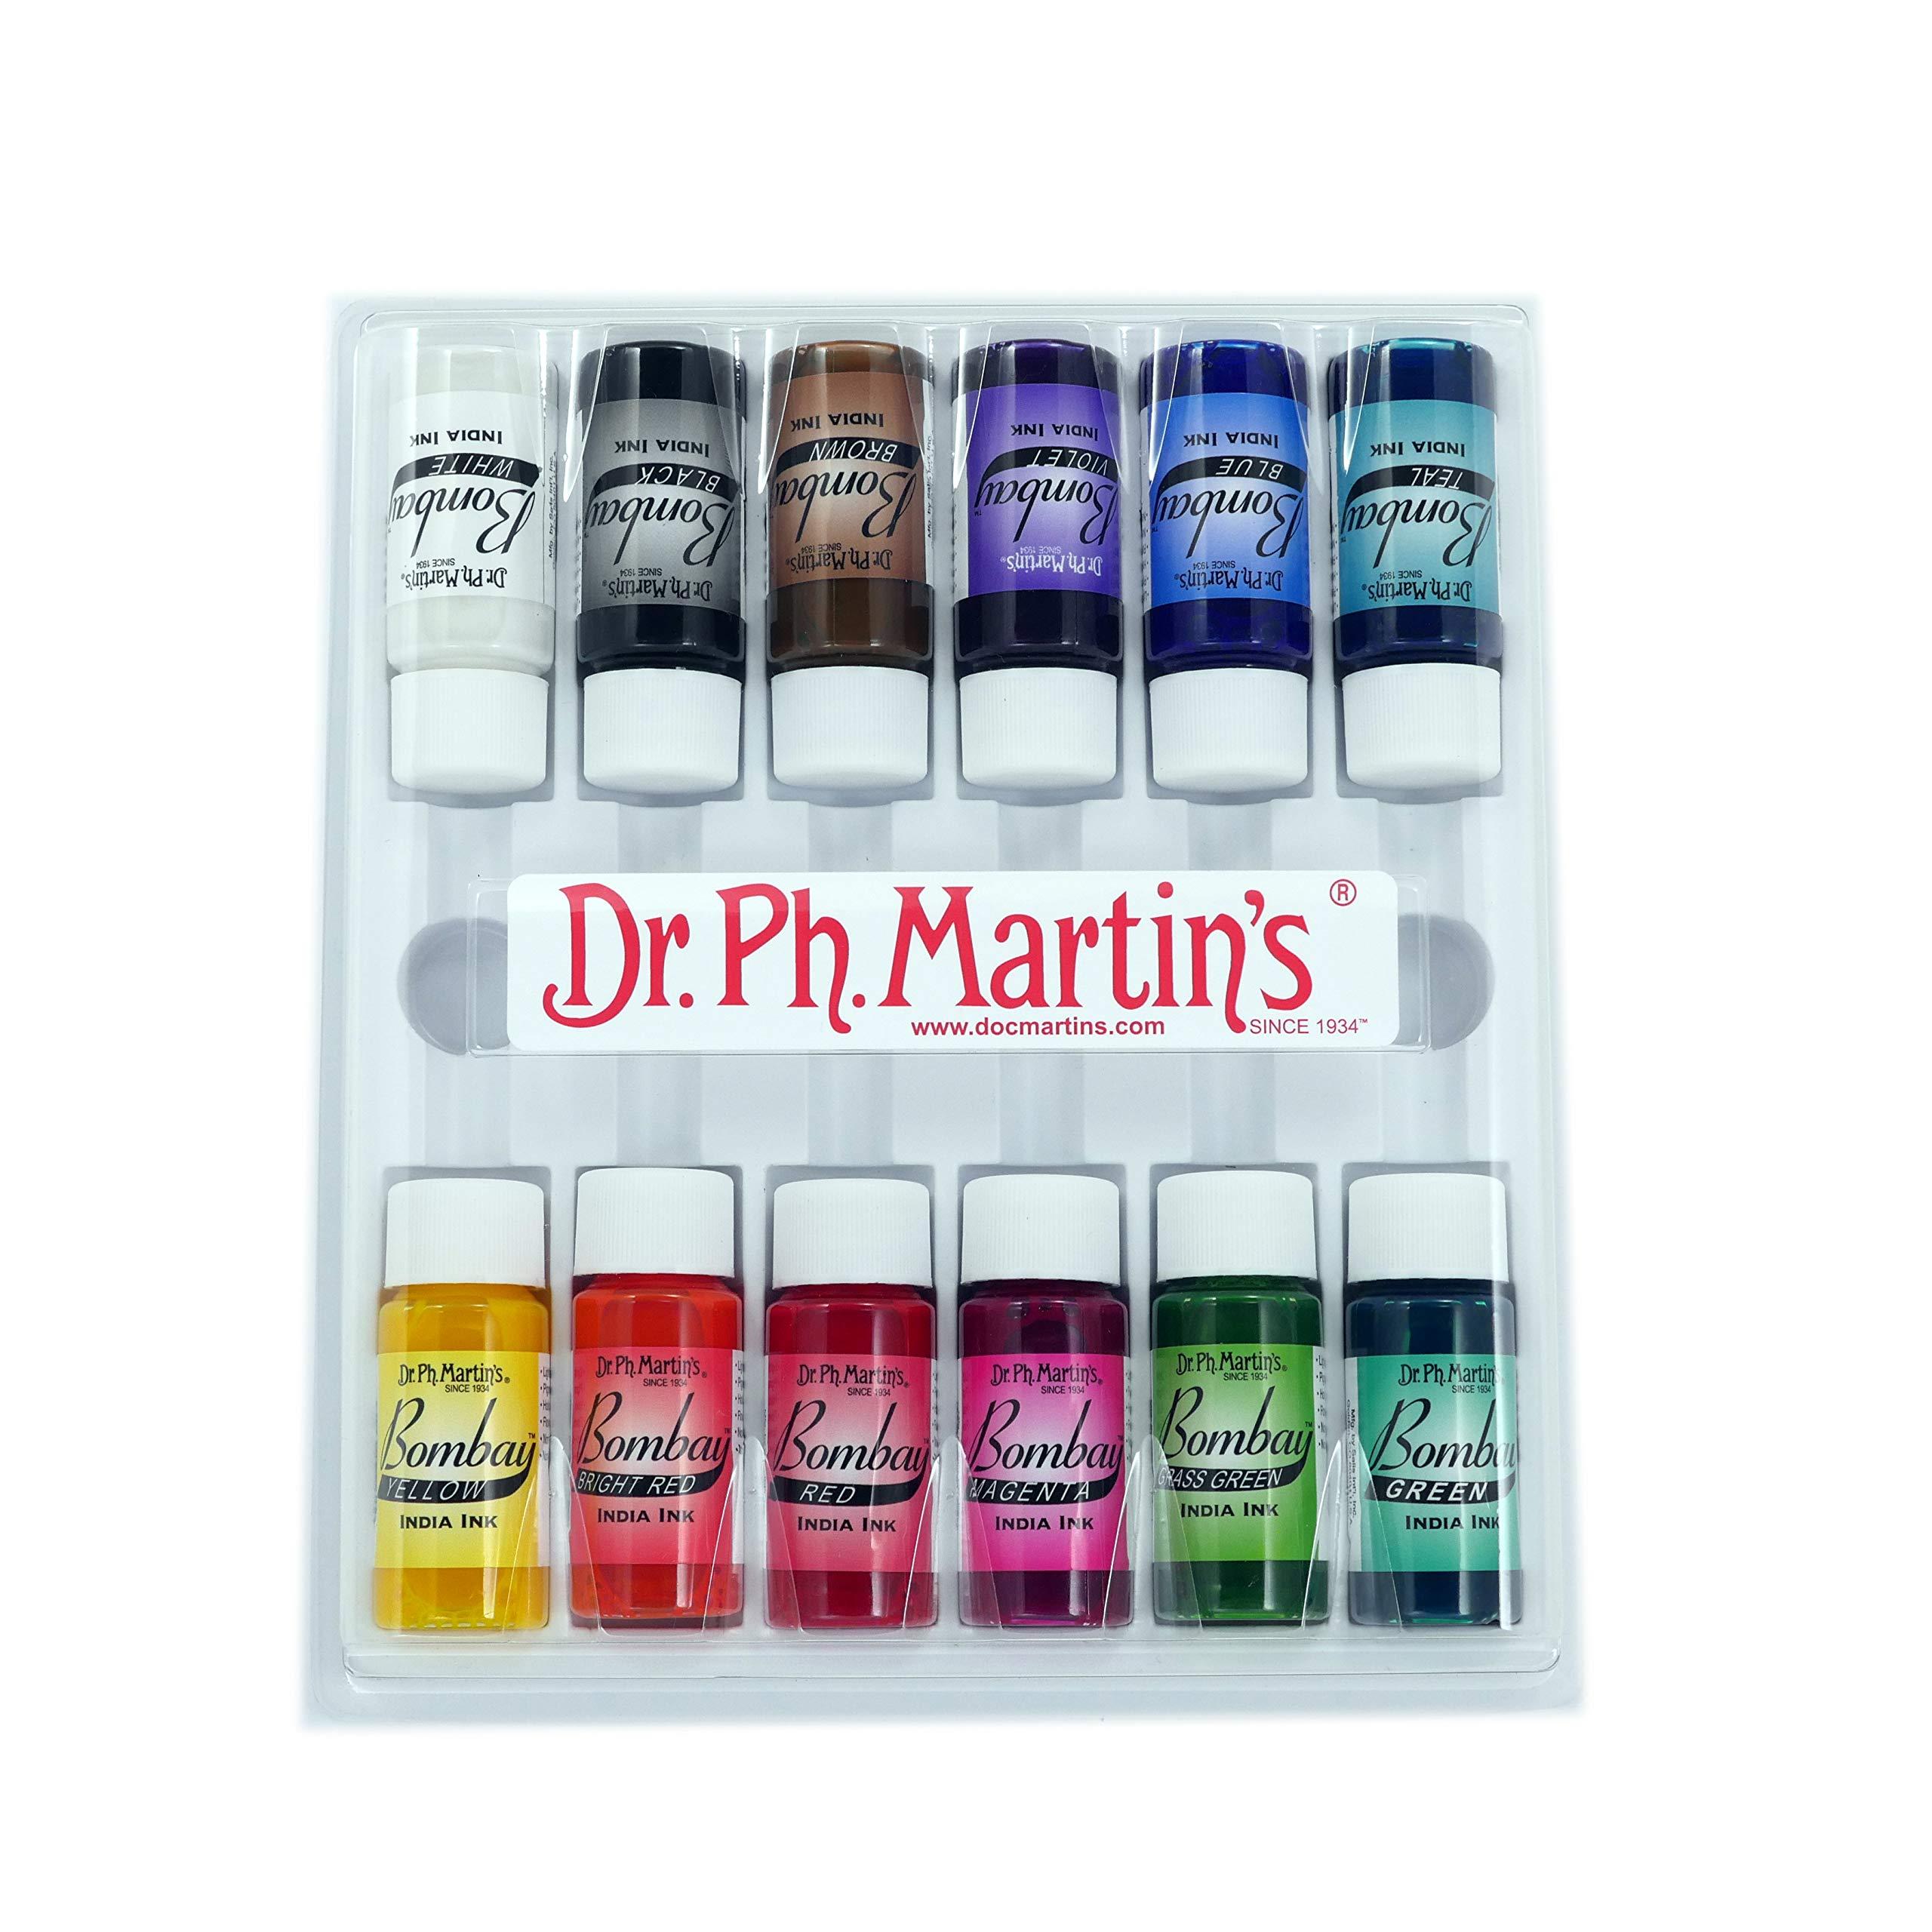 Dr. Ph. Martin's Bombay India Ink (Set 1) Ink Set, 0.5 oz, Set 1 Colors, 1 Set of 12 Bottles by Dr. Ph. Martin's